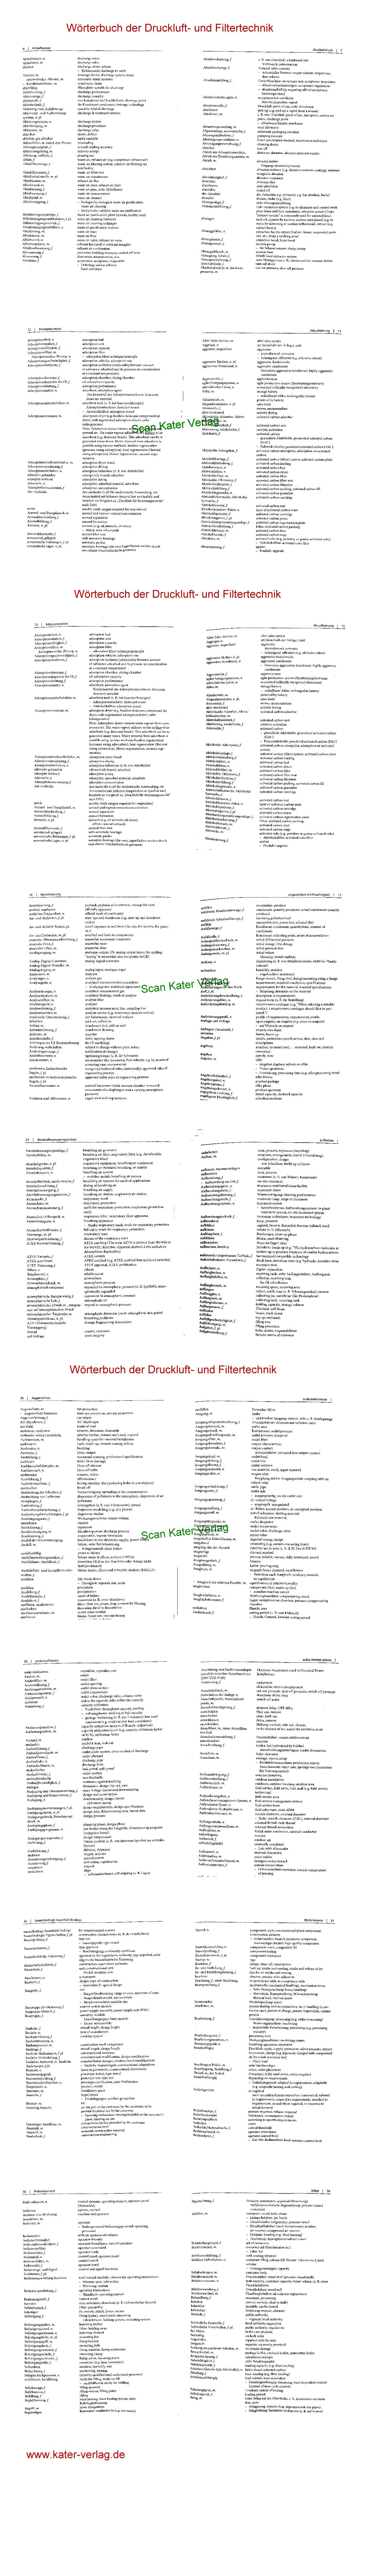 Wörterbuch der Druckluft- und Filtertechnik Deutsch-Englisch, Englisch-Deutsch DE-EN-DE